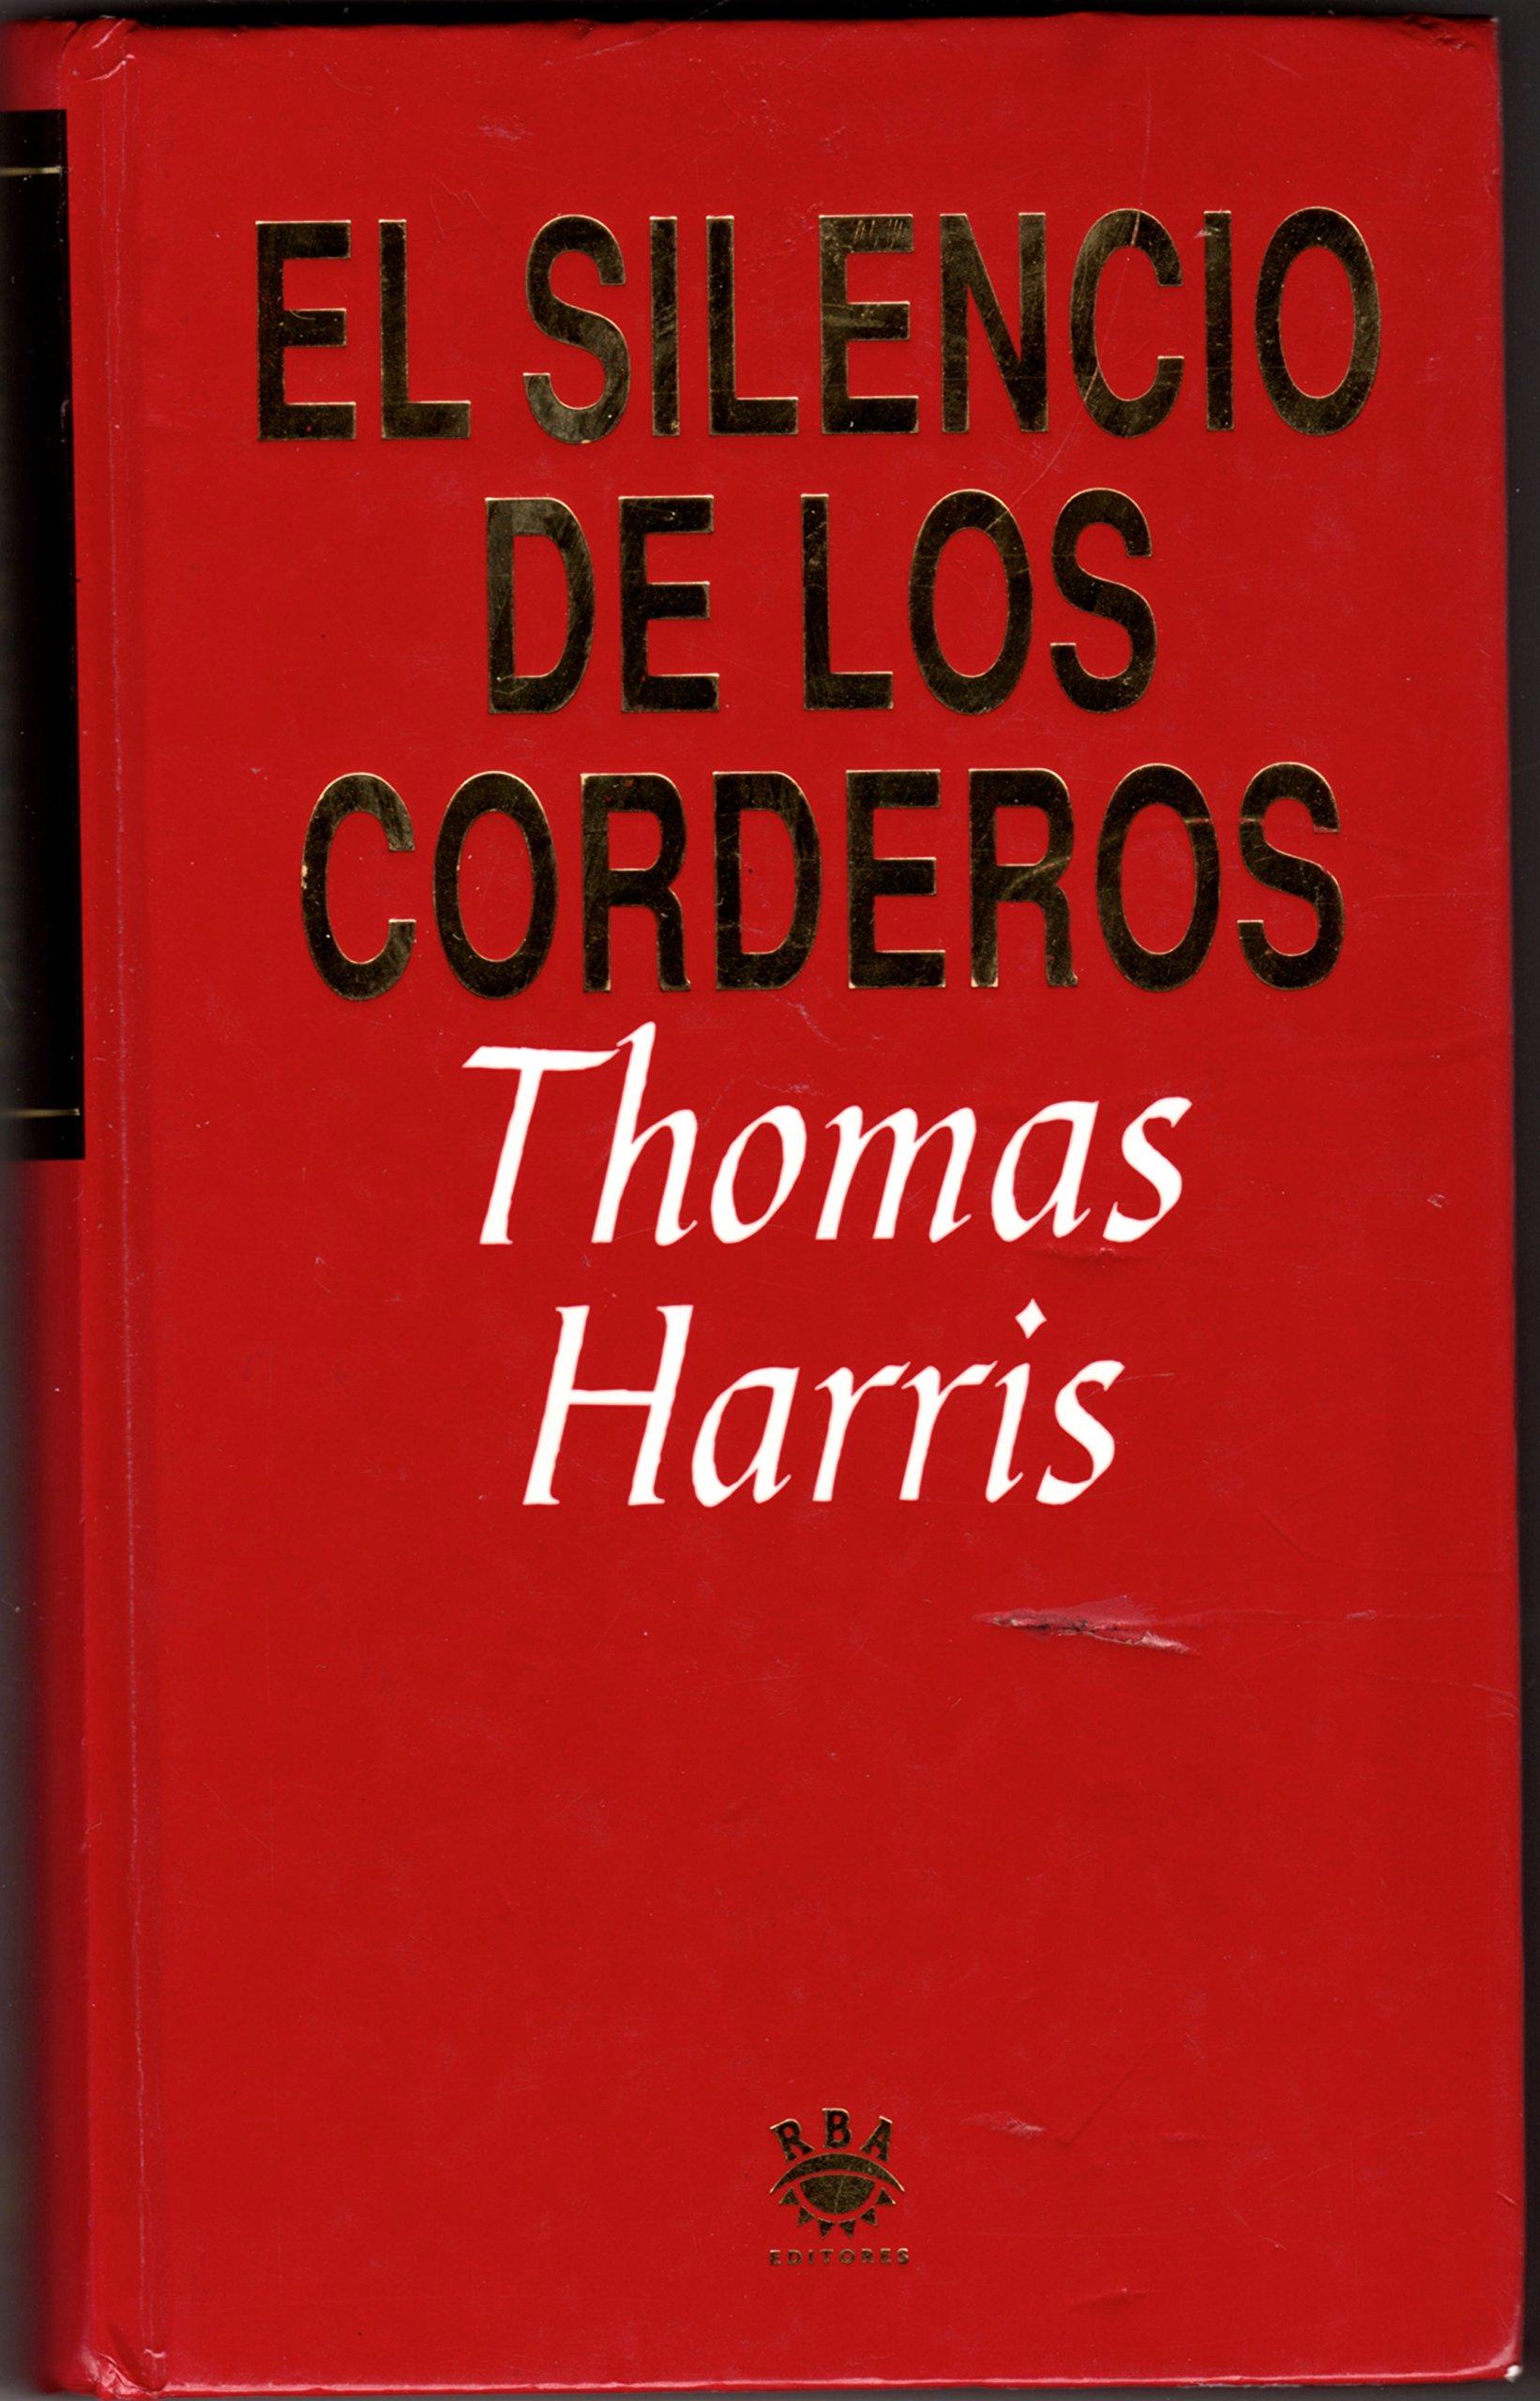 El Silencio de los Corderos: Amazon.es: Harris, Thomas: Libros